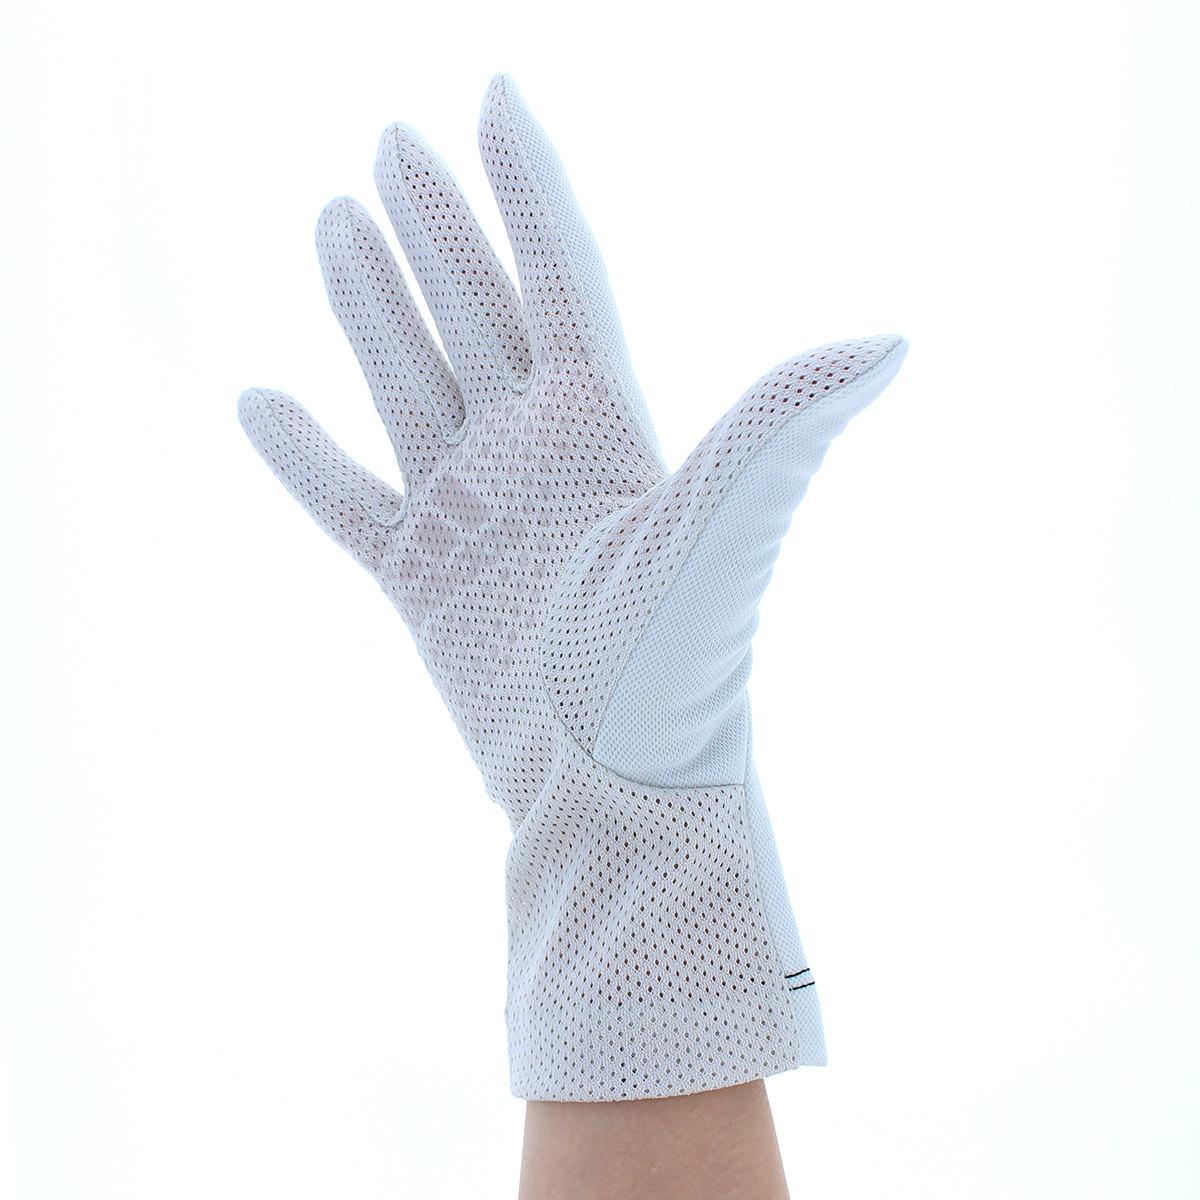 アディダス レディース UVカット グローブ UV手袋 ショート丈 23cm ジョギング UVカット率95%以上 吸水速乾 防汚加工 ストレッチ 掌メッシュ素材 すべり止め